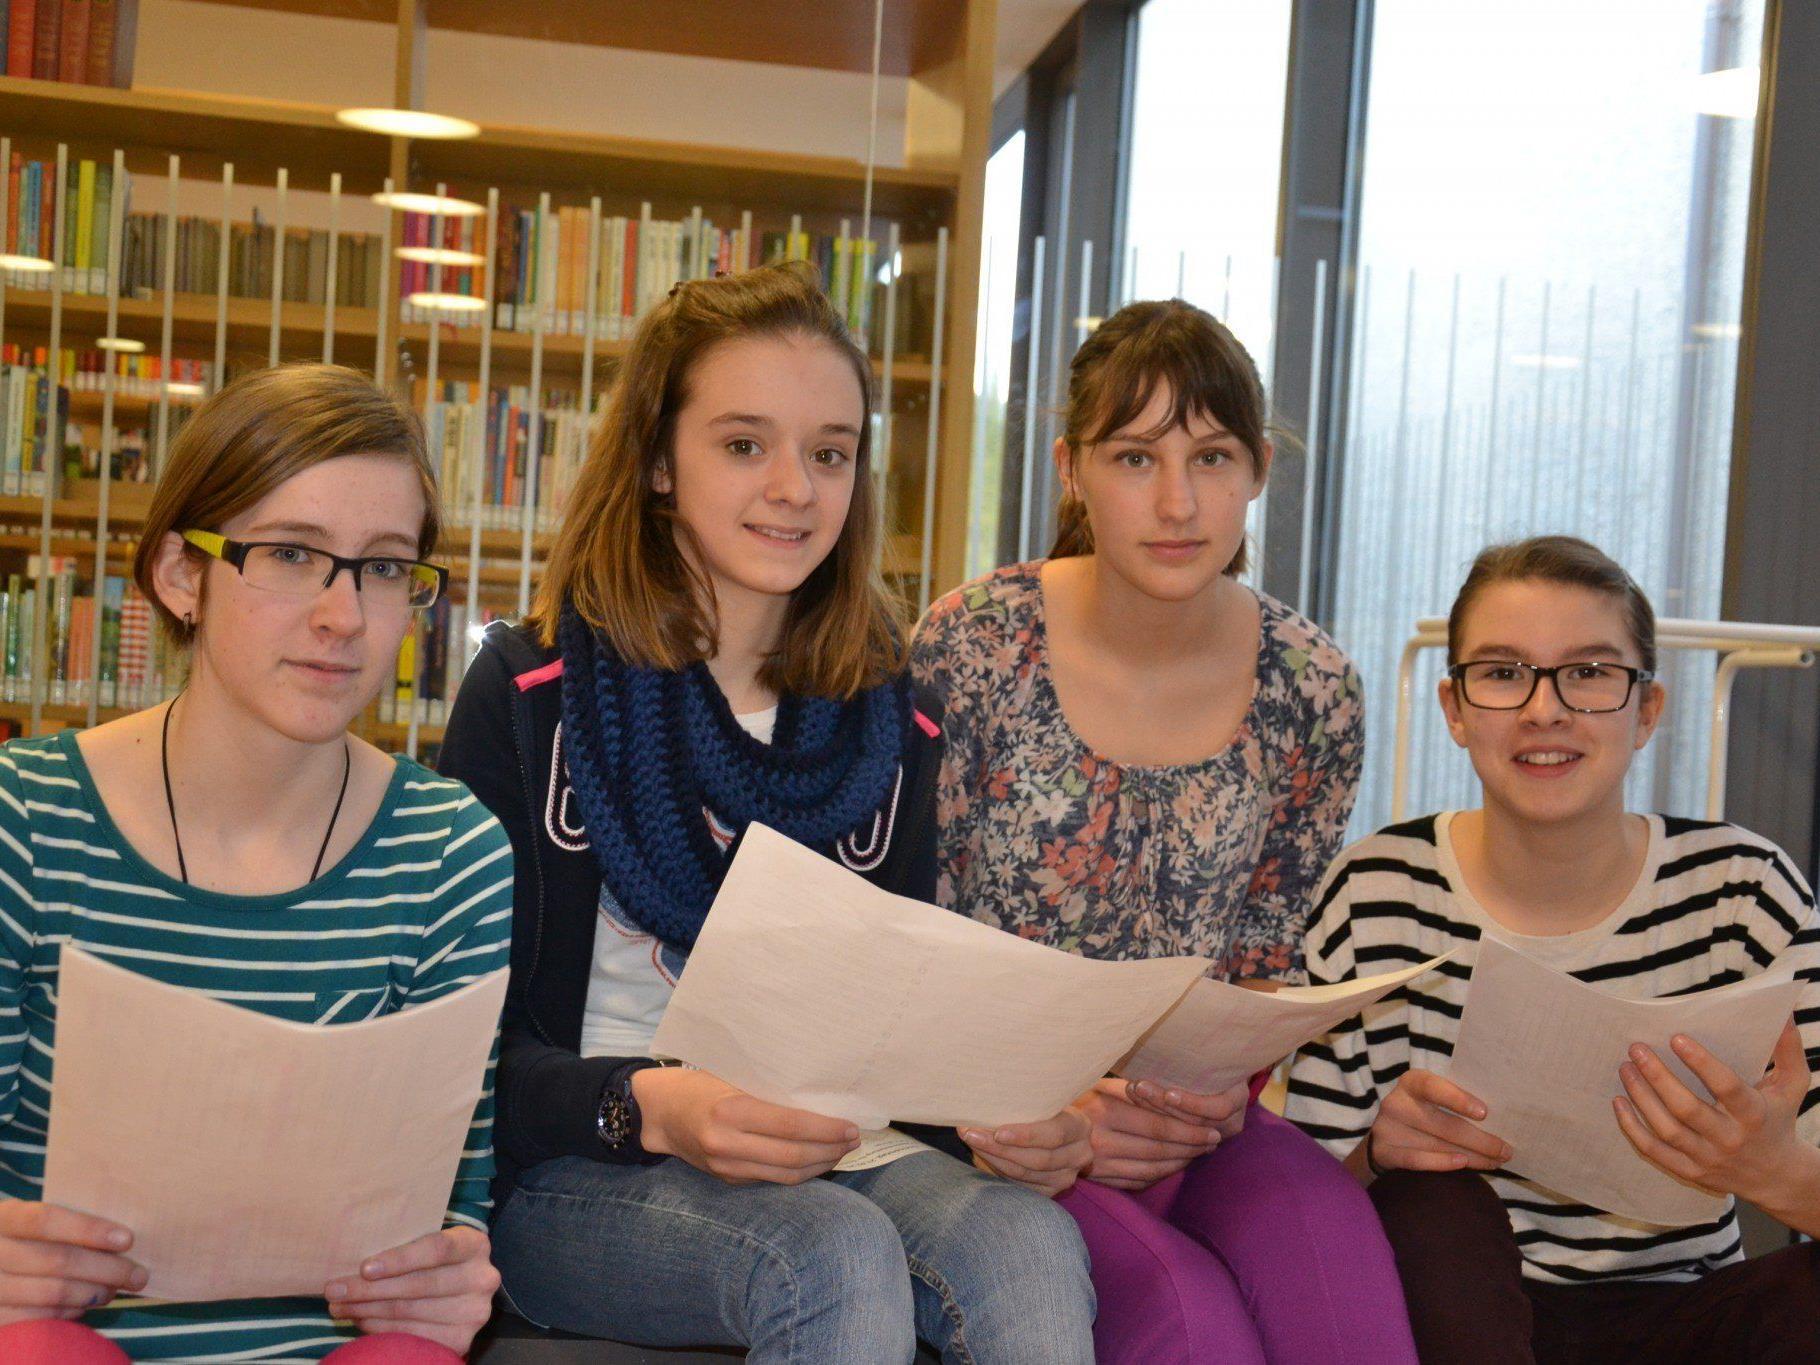 (v.l.) Stefanie, Tabea, Nina und Johanna aus der dritten Klasse Mittelschule hatten Spaß beim Vorarlberger Lesetag